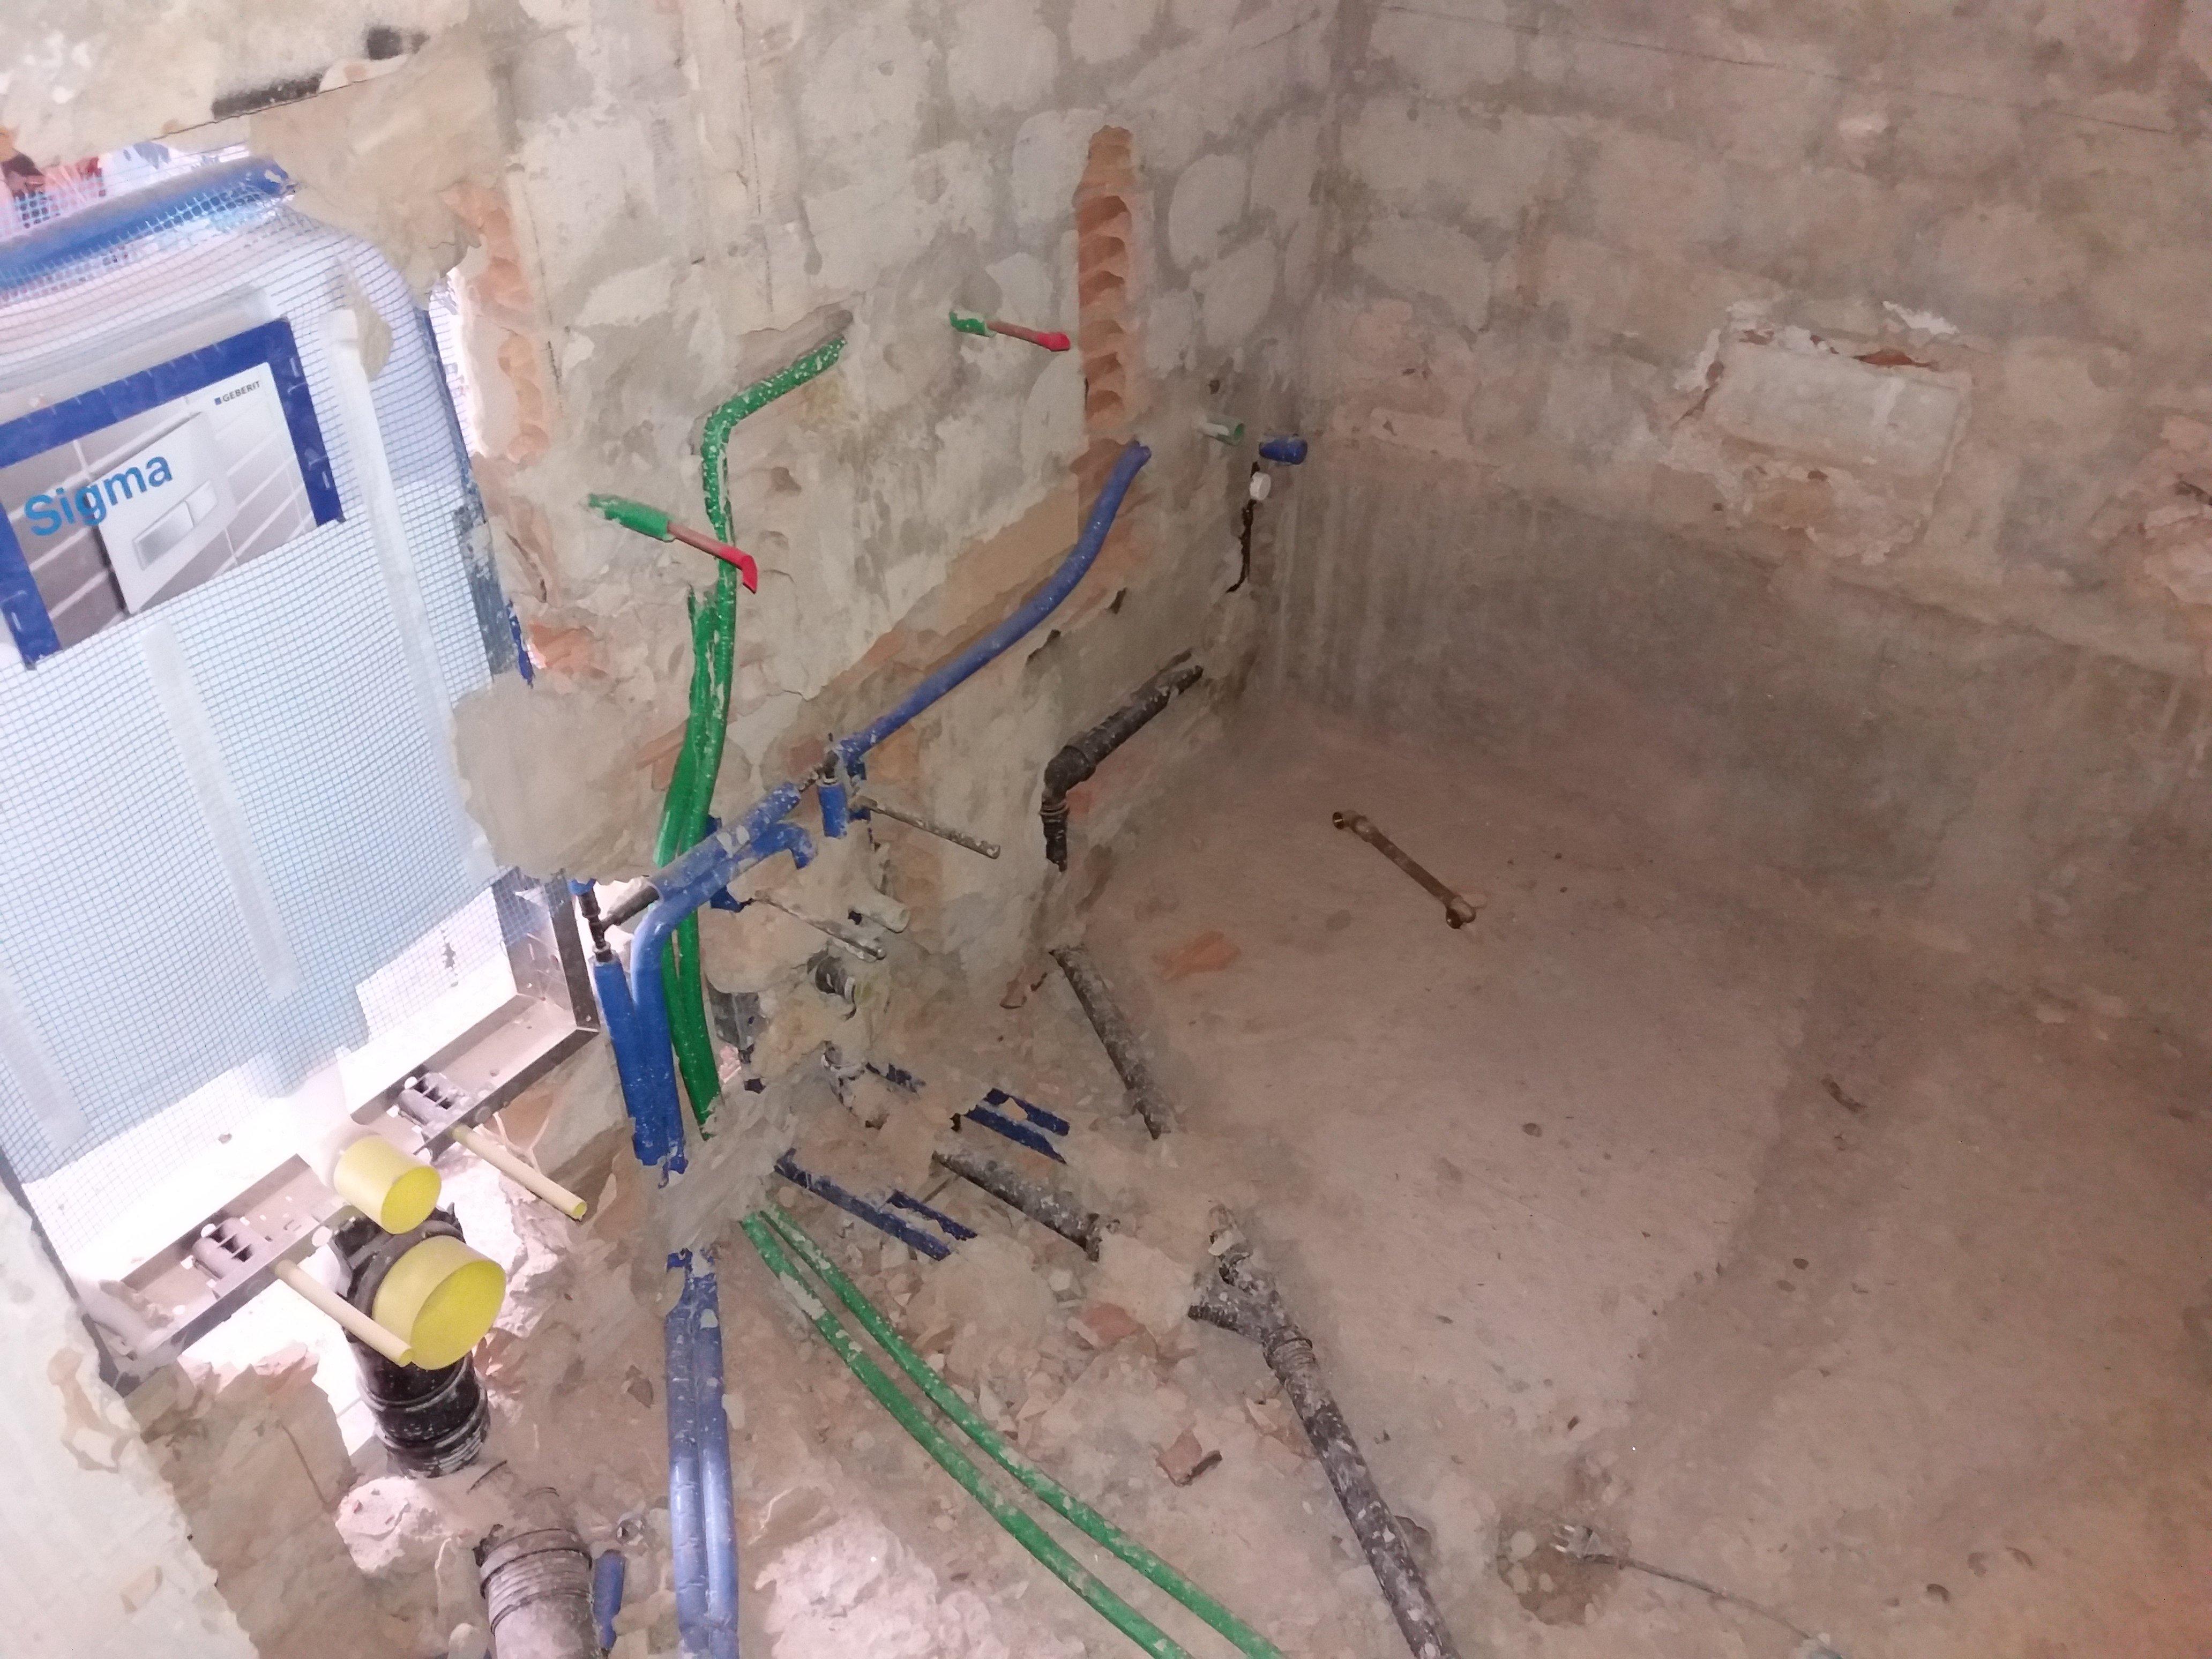 Impianto idraulico in fase di installazione